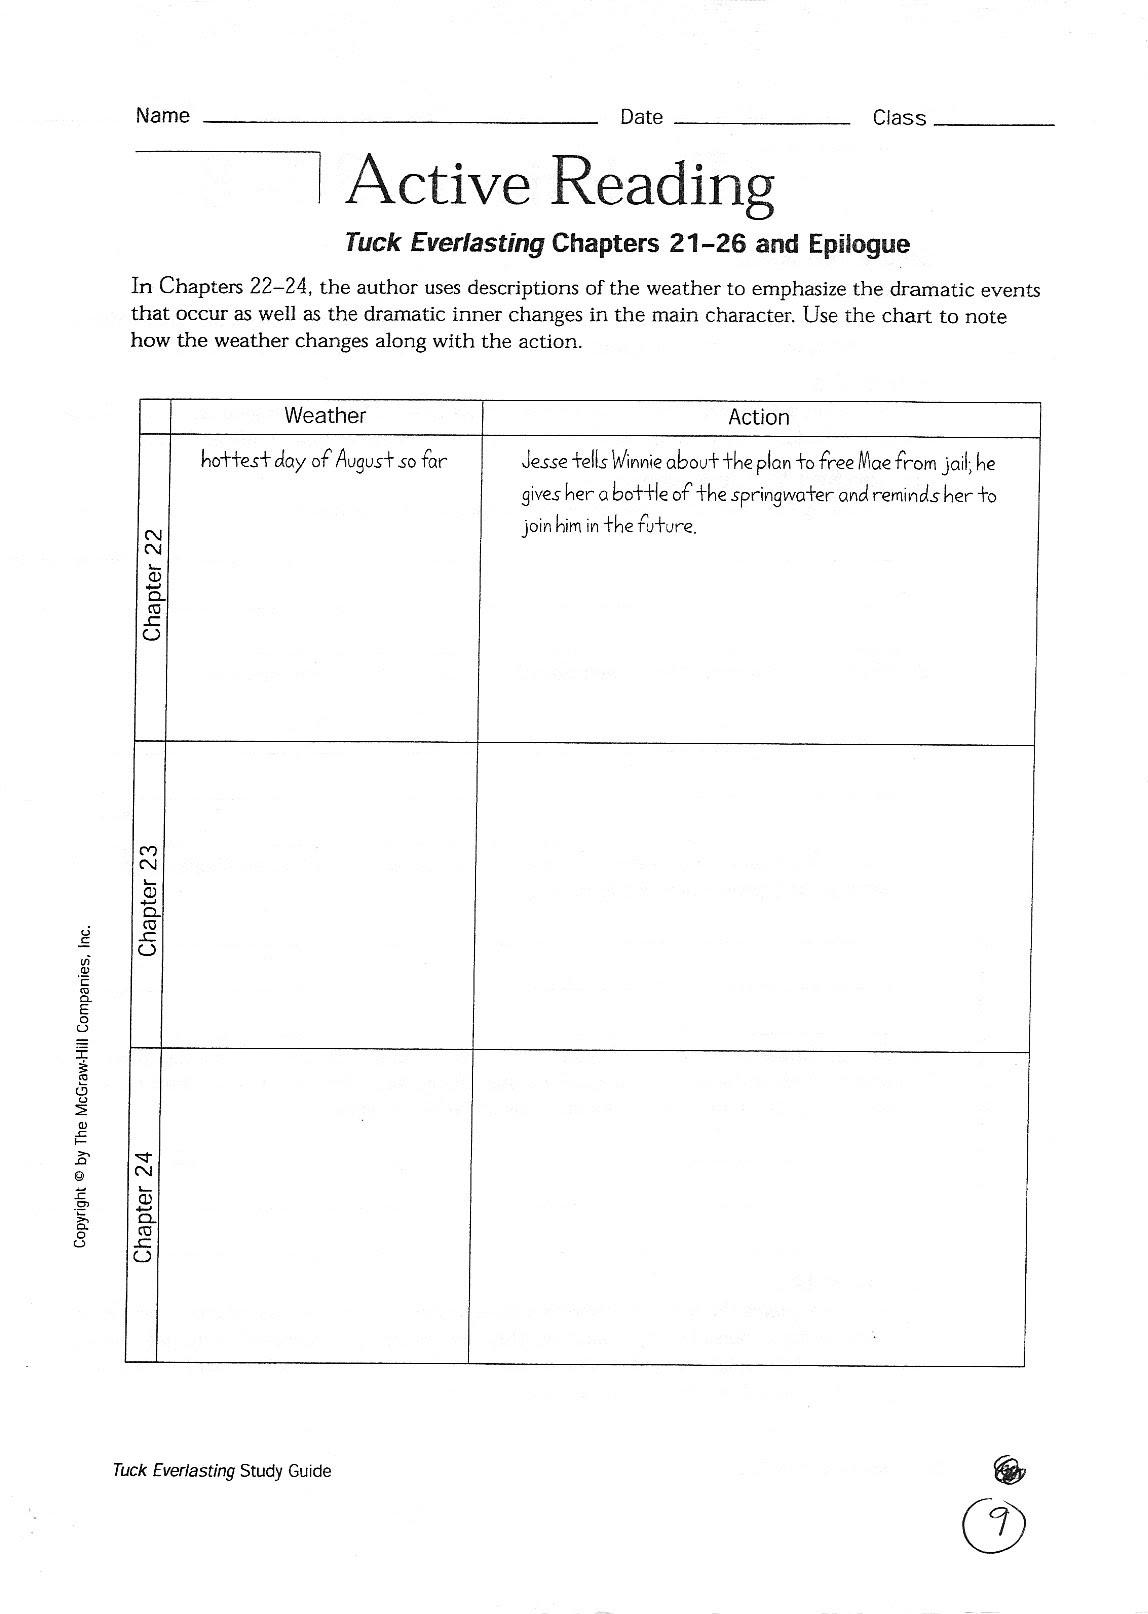 Tuck Everlasting Worksheets - Checks Worksheet